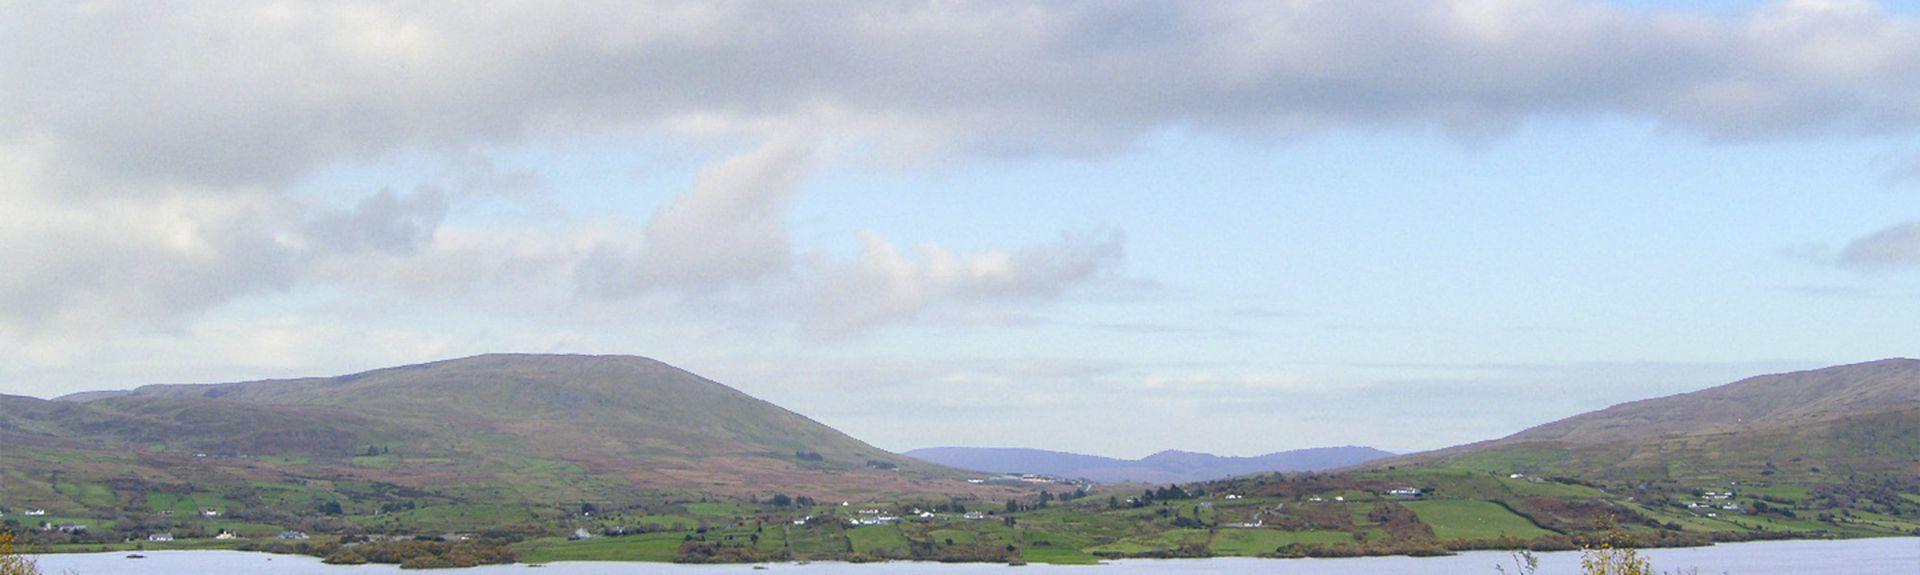 Ballintubber Abbey, Ballintober, Ireland